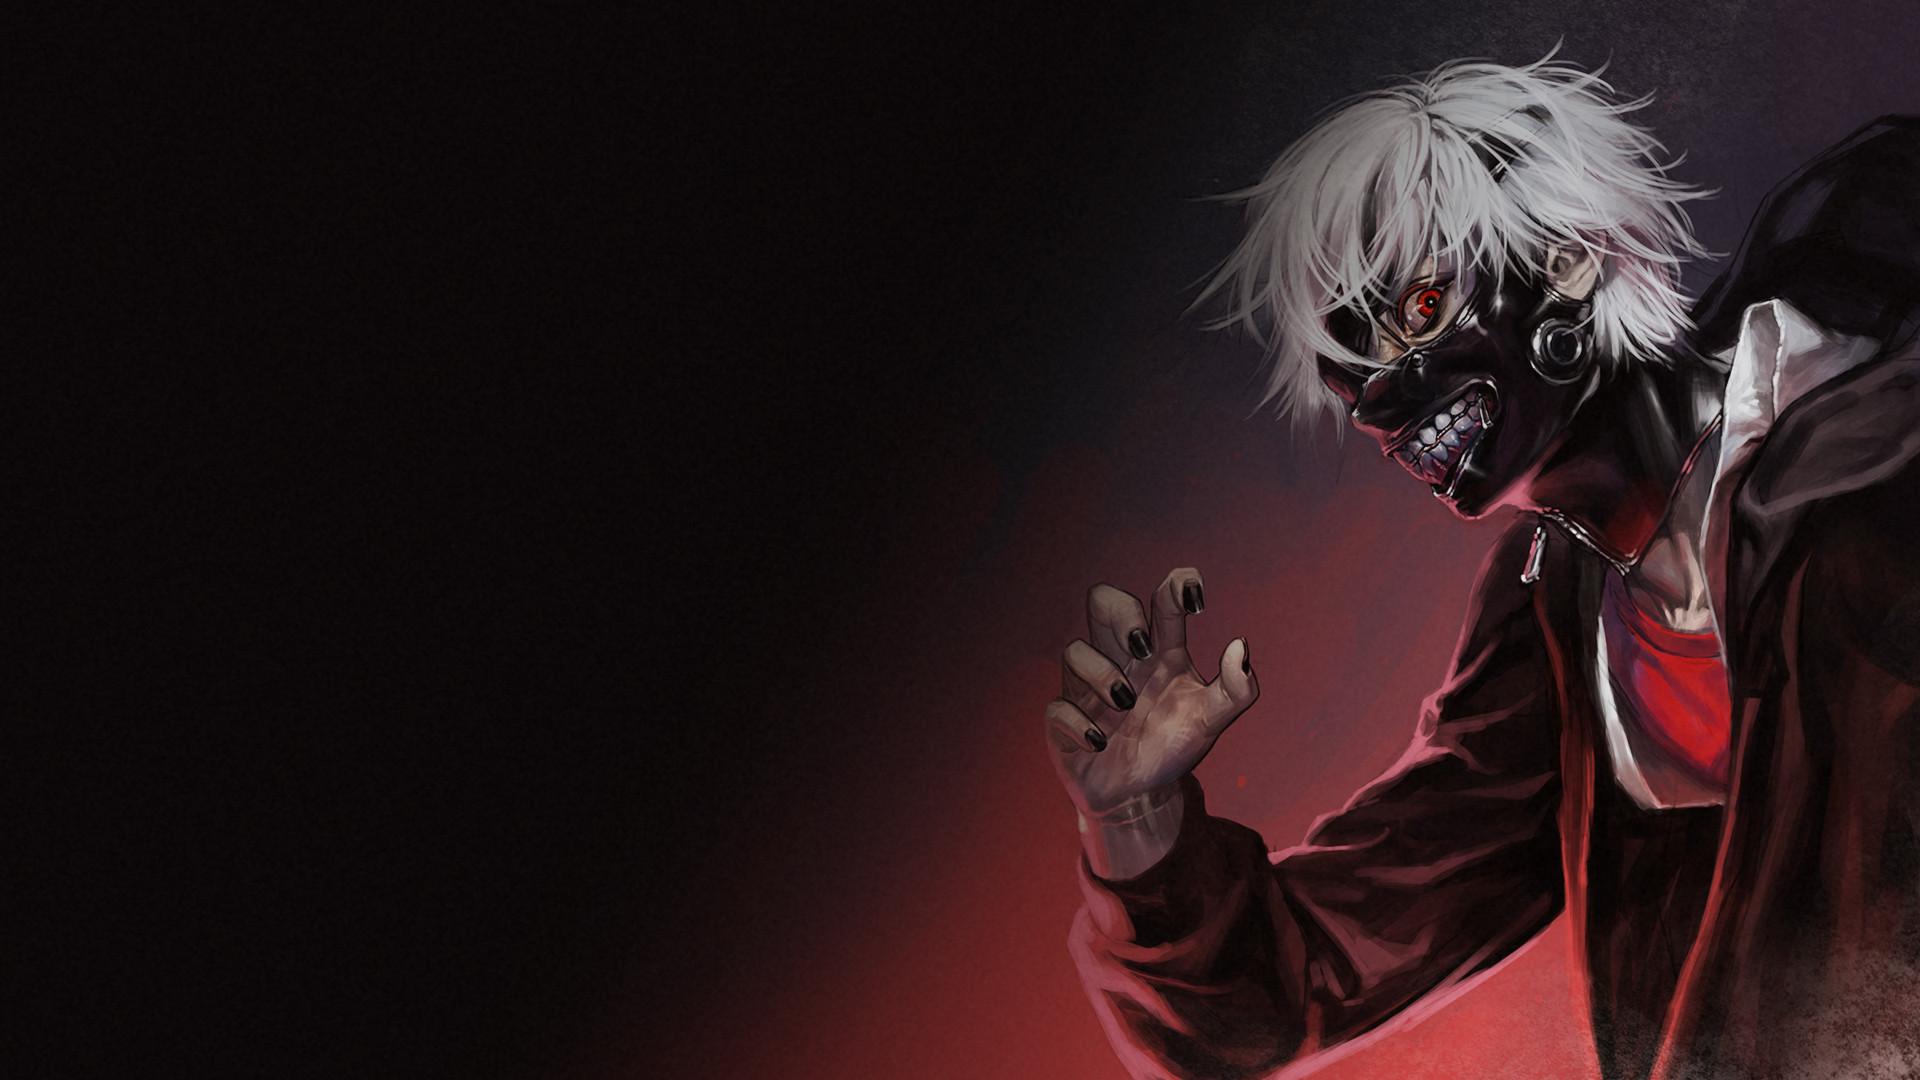 Anime – Tokyo Ghoul Dark Anime Ken Kaneki Mask Creepy Wallpaper